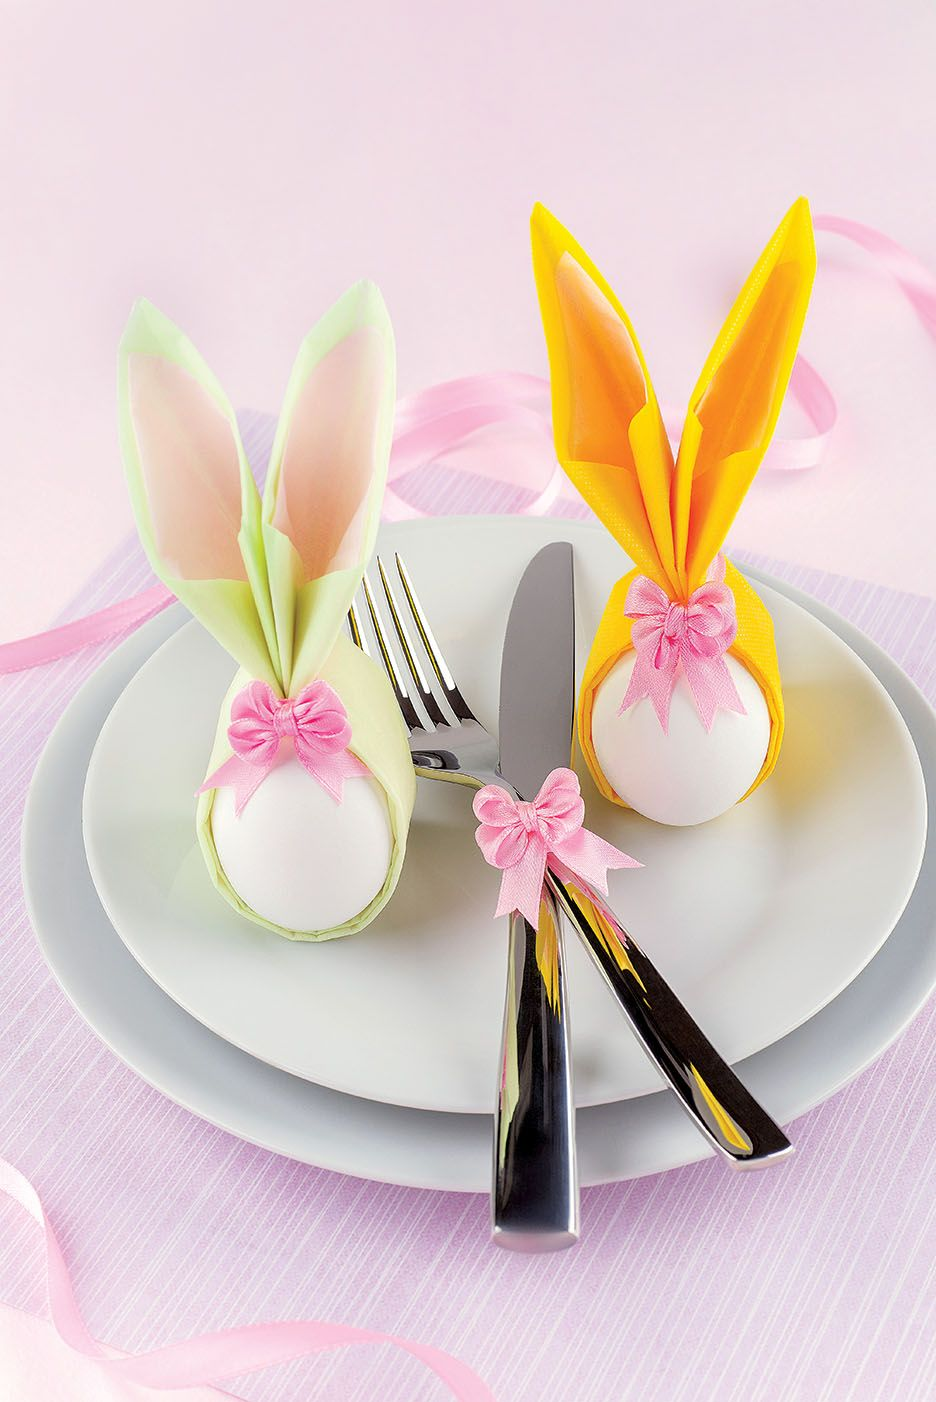 Ozdoba Wielkanocna Na Stol Zajaczki Z Serwetek Easter Decoration Paper Papierowe Dekoracje Zajaczki Wi Easter Table Settings Bunny Napkins Easter Table